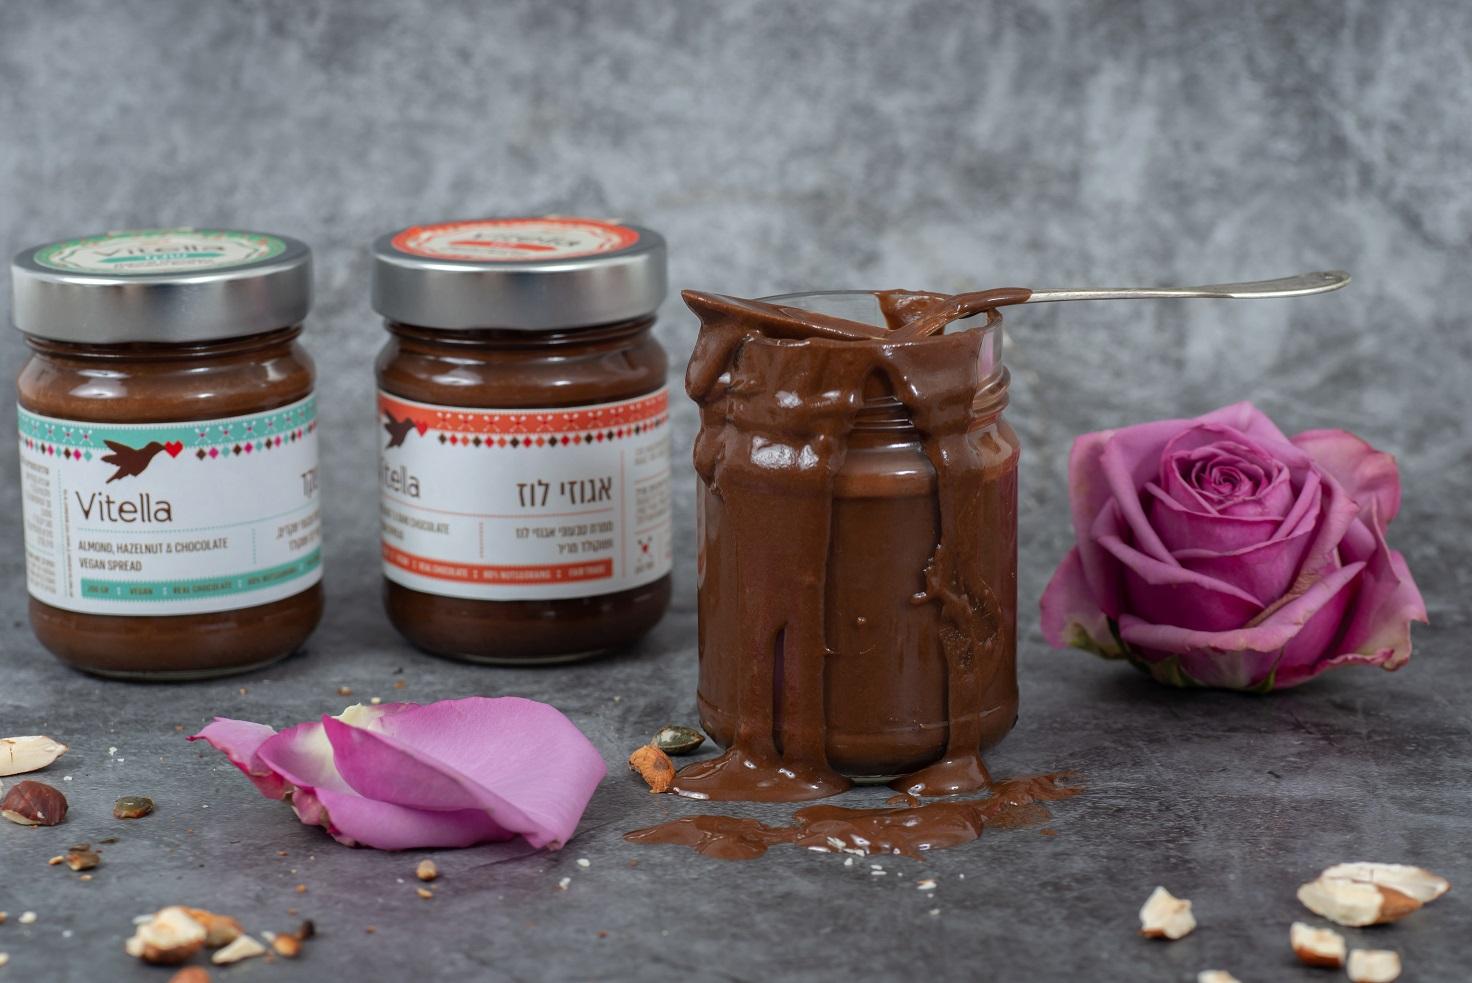 ממרח שוקולד ויטלה: לוז, שקד/ נוגט